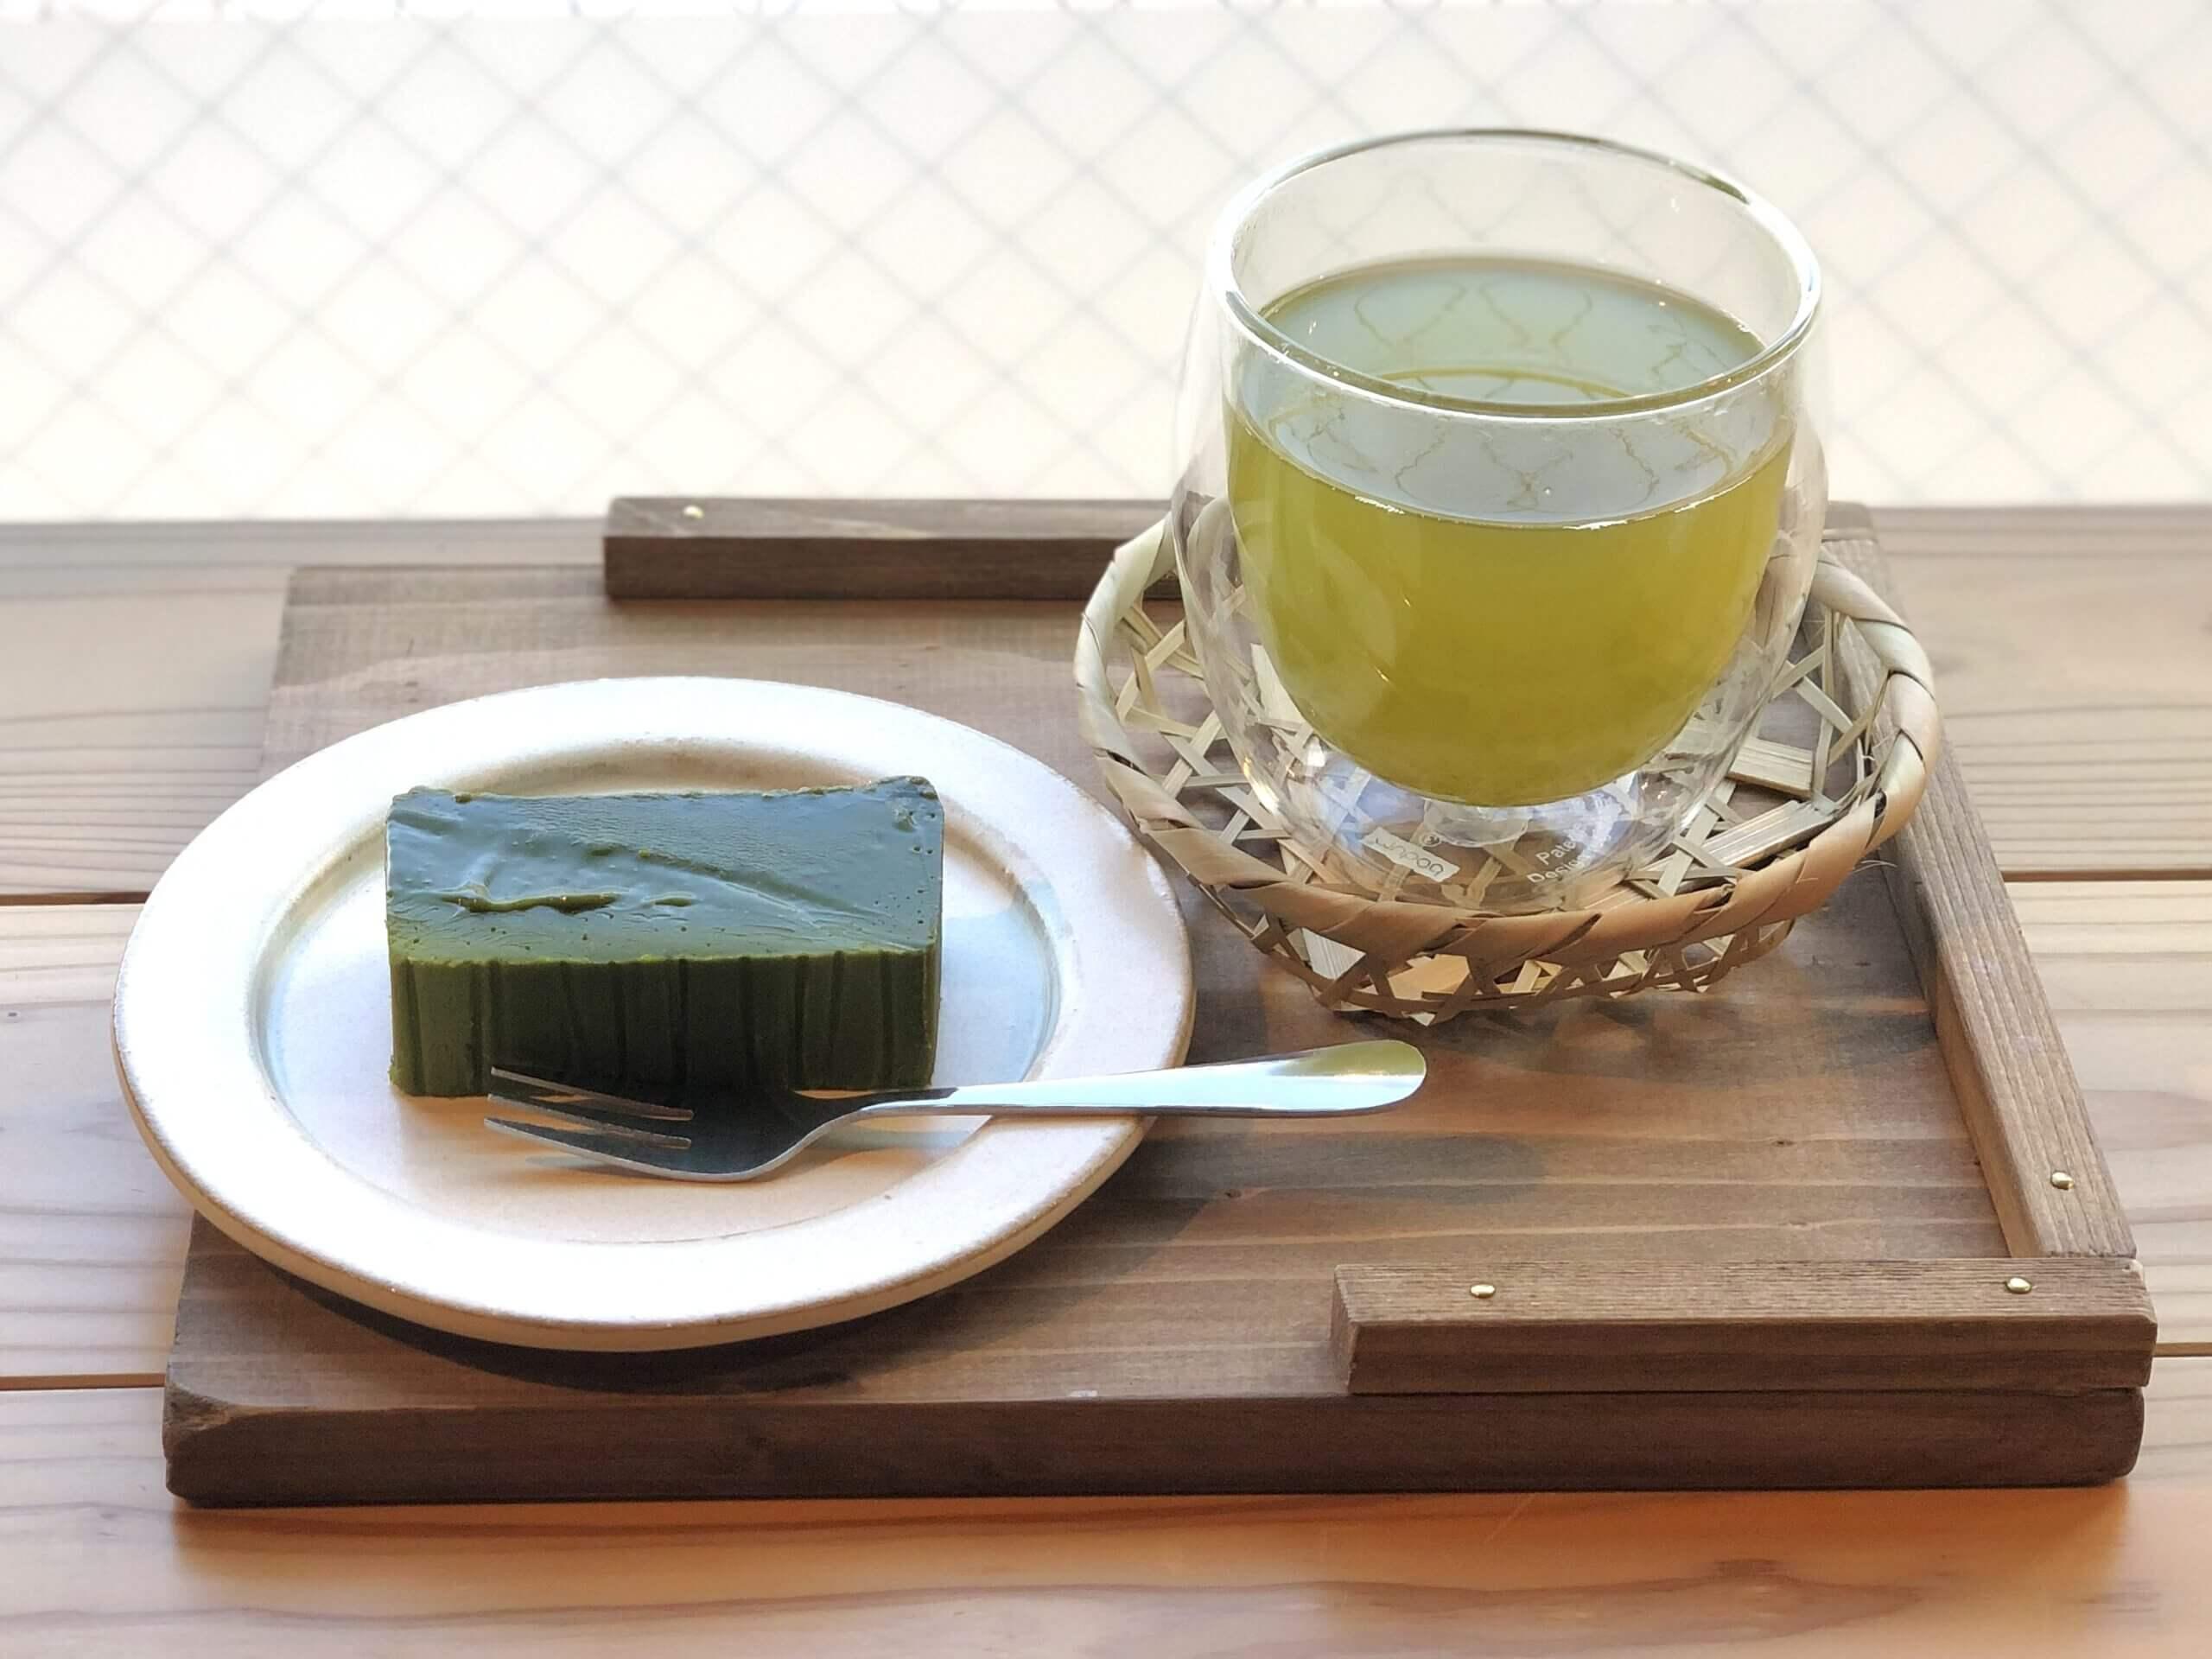 【和の茶緑祇園 – RYOKUGIEN -】お茶好きにはたまらない、心落ち着くスイーツとドリンク《熊本市中央区九品寺》